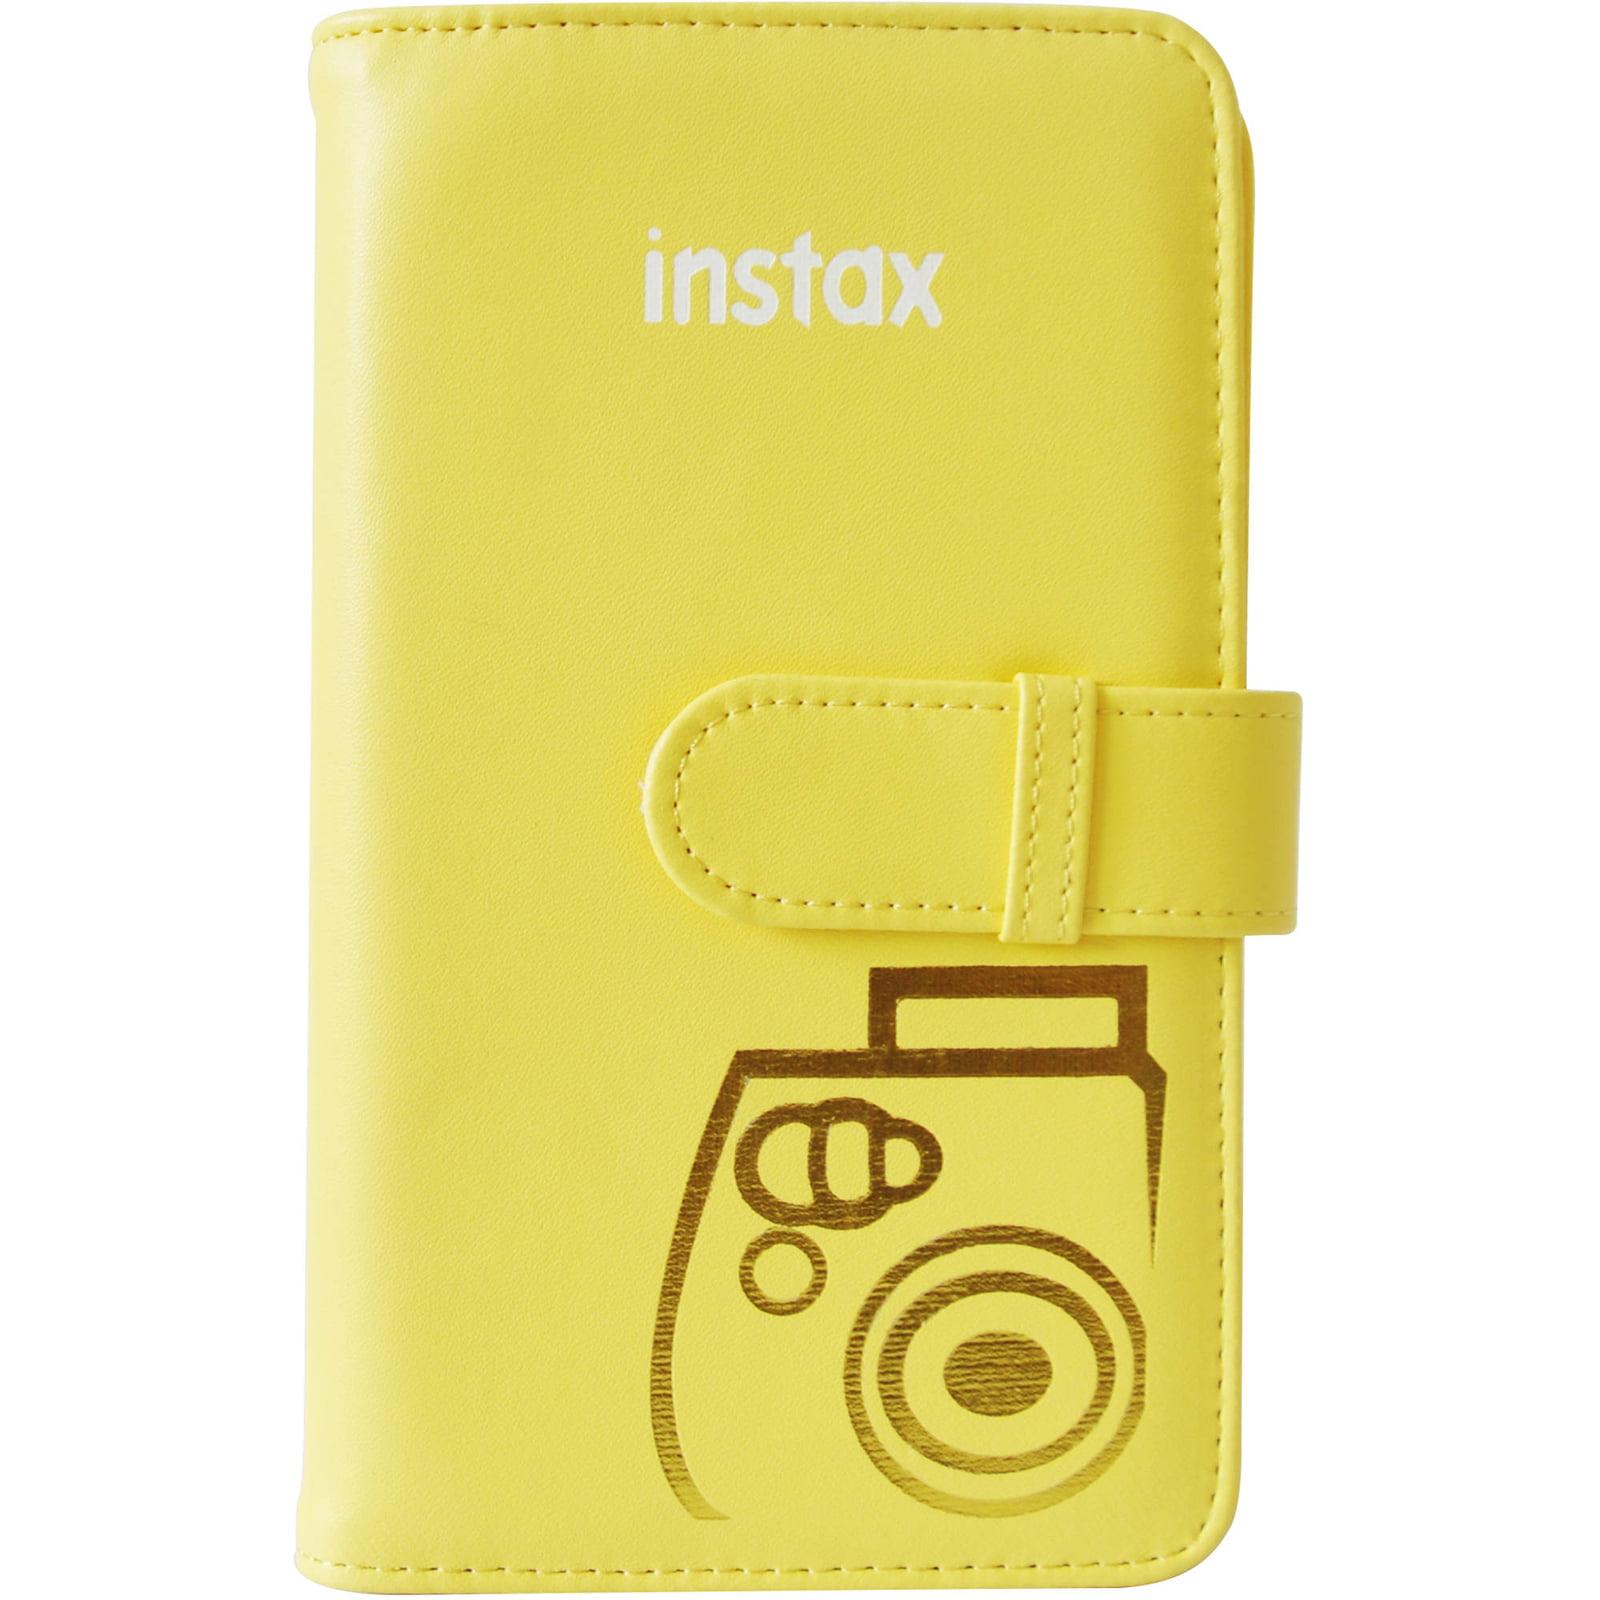 Instax Wallet Album 108 - Yellow